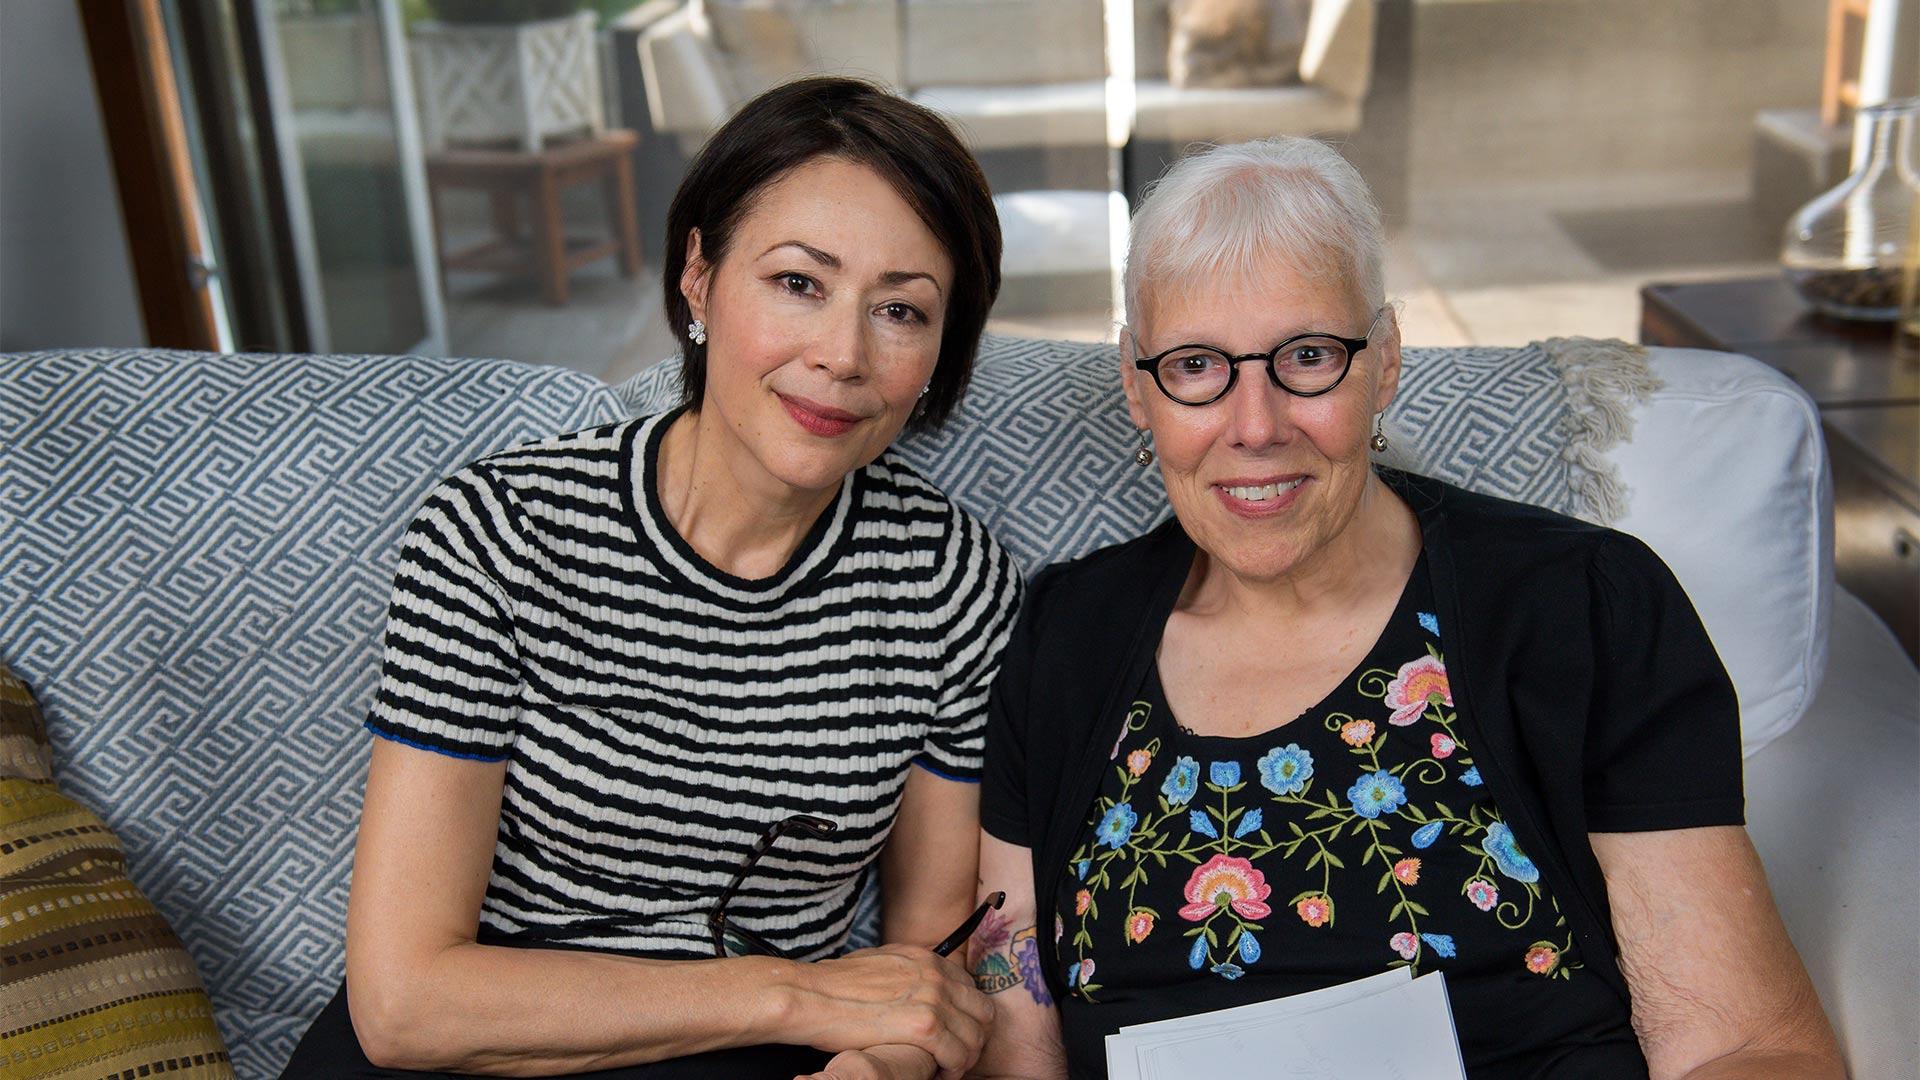 Ann Curry and Zoe Nicholson